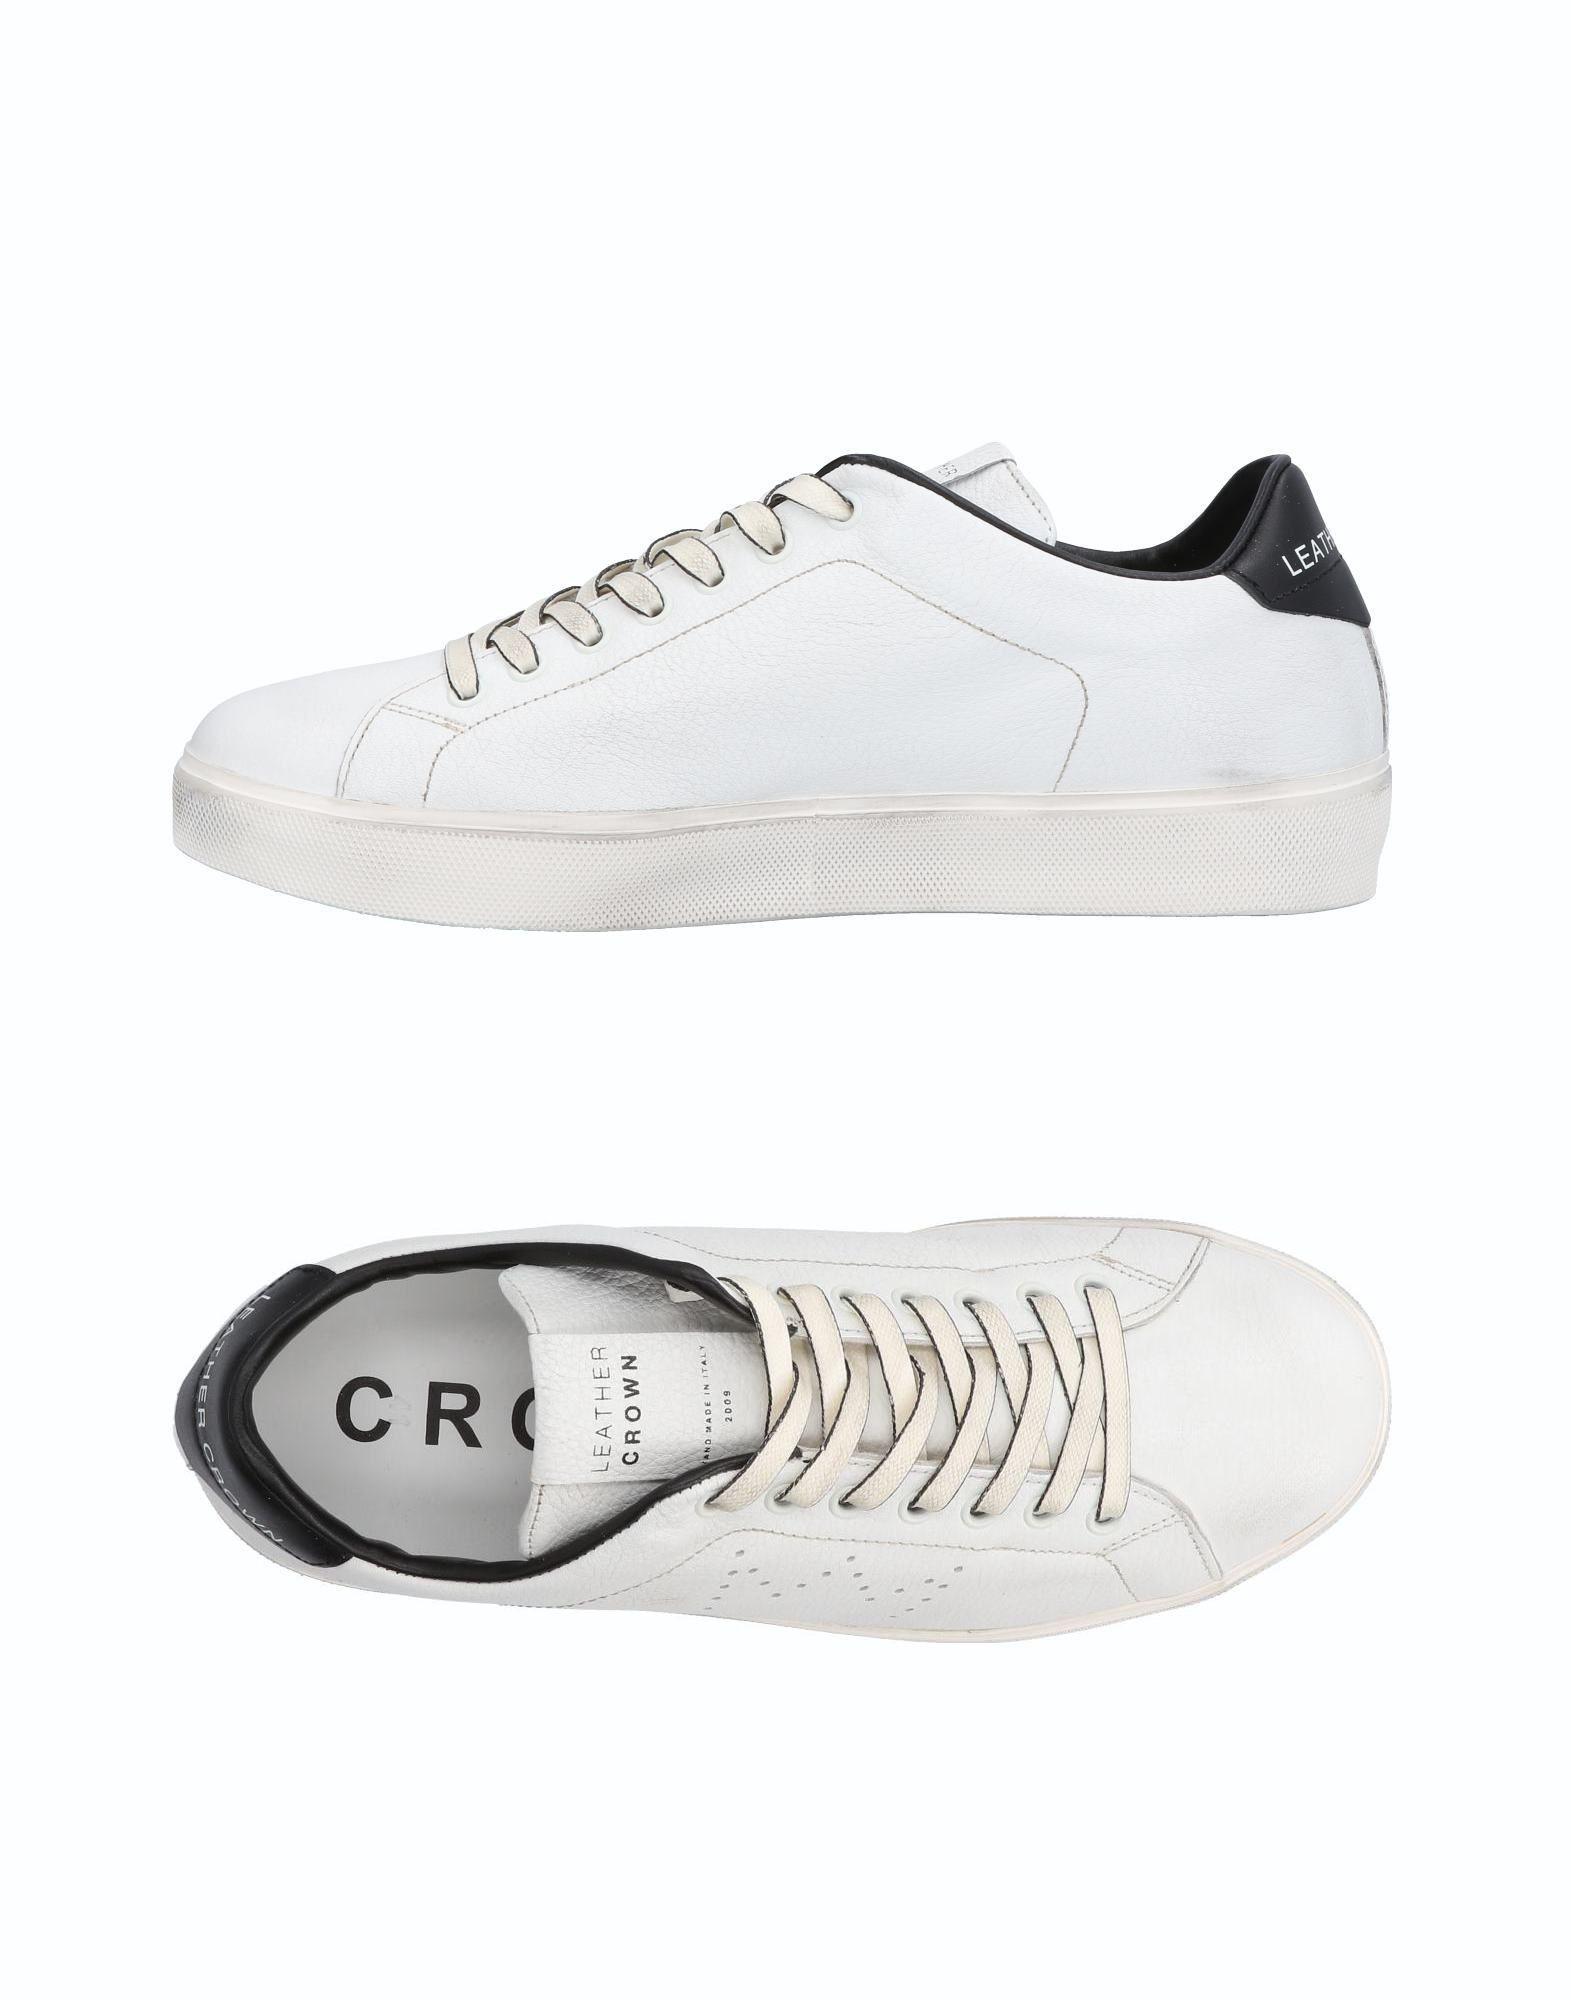 Couronne En Cuir Bas-tops Et Chaussures De Sport g31ALKE2